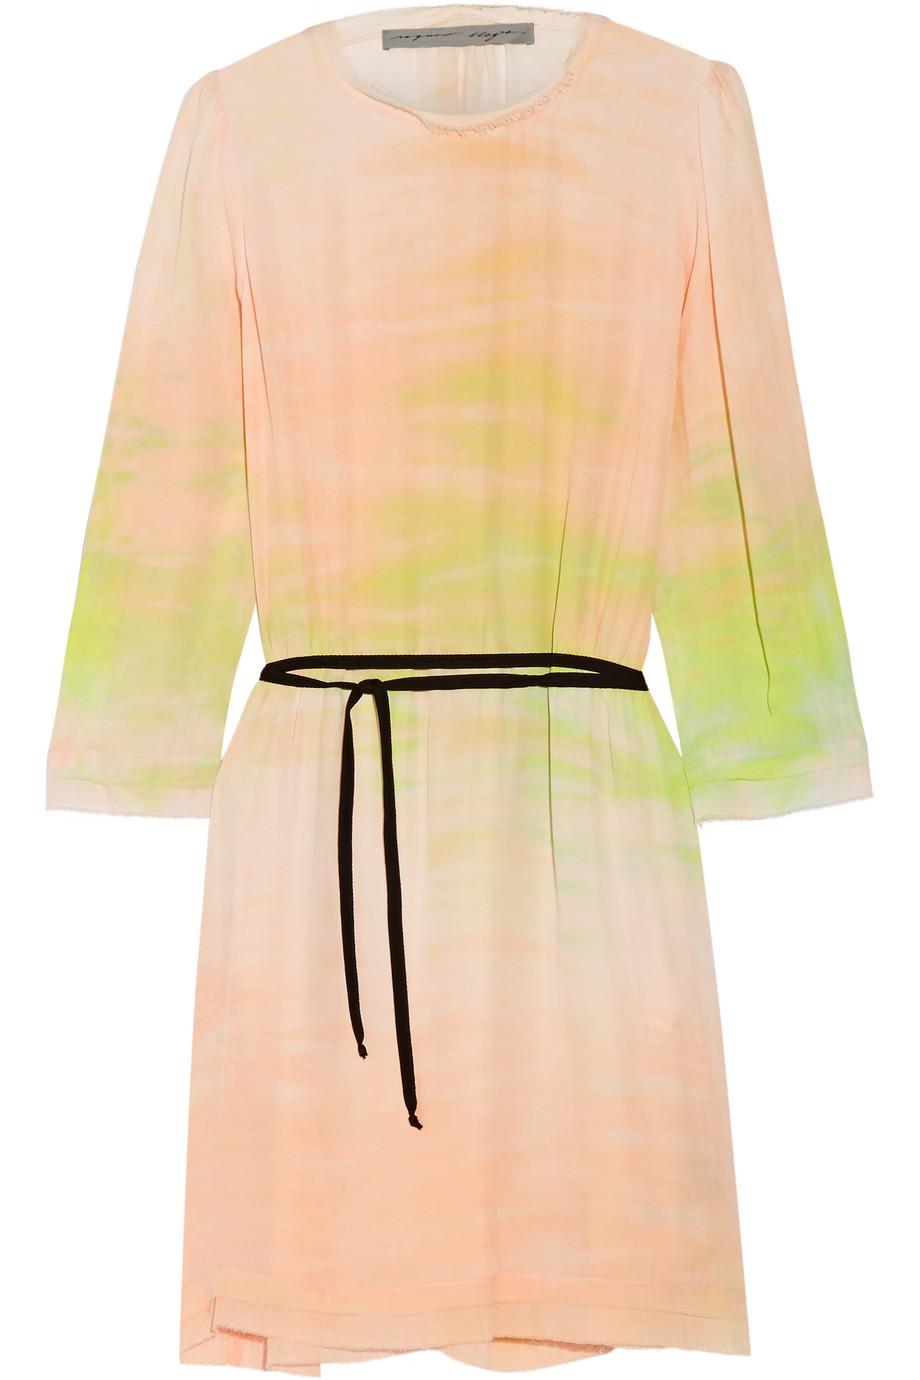 Raquel Allegra Tie-Dyed Silk-Georgette Dress, Pastel Pink/Yellow, Women's - Printed, Size: 3